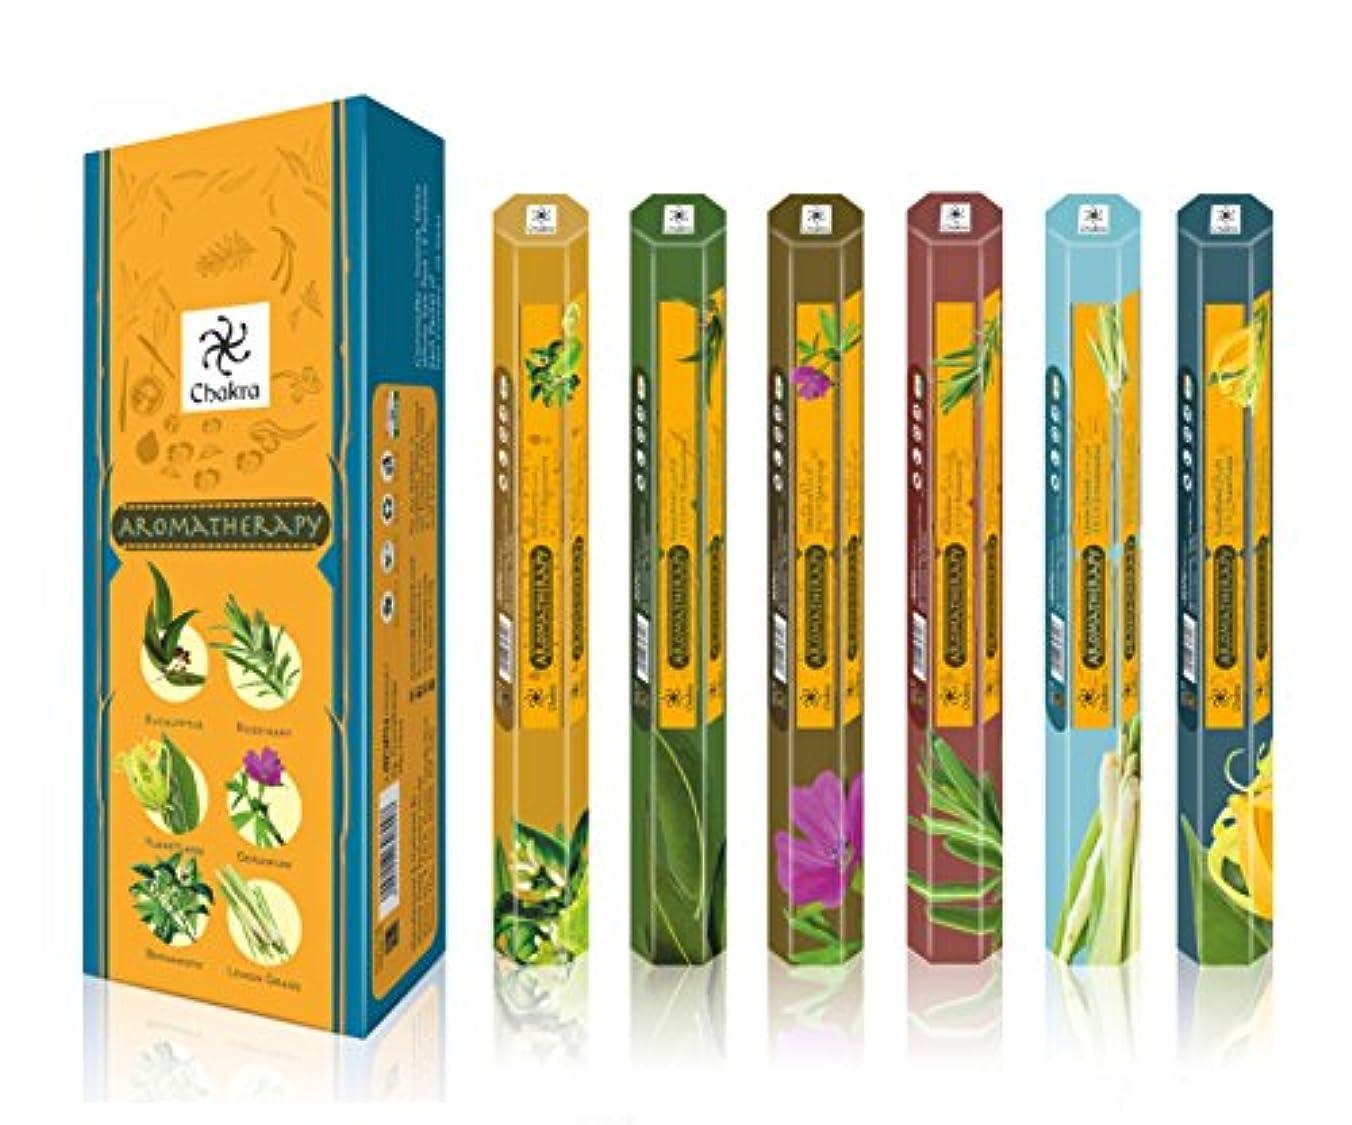 アロマセラピーナチュラルフレグランス香りつきSticks – 促進健康とWell being- 20 Incense Sticks Perボックス – Long Lasting 120 Fragrance Sticks ...